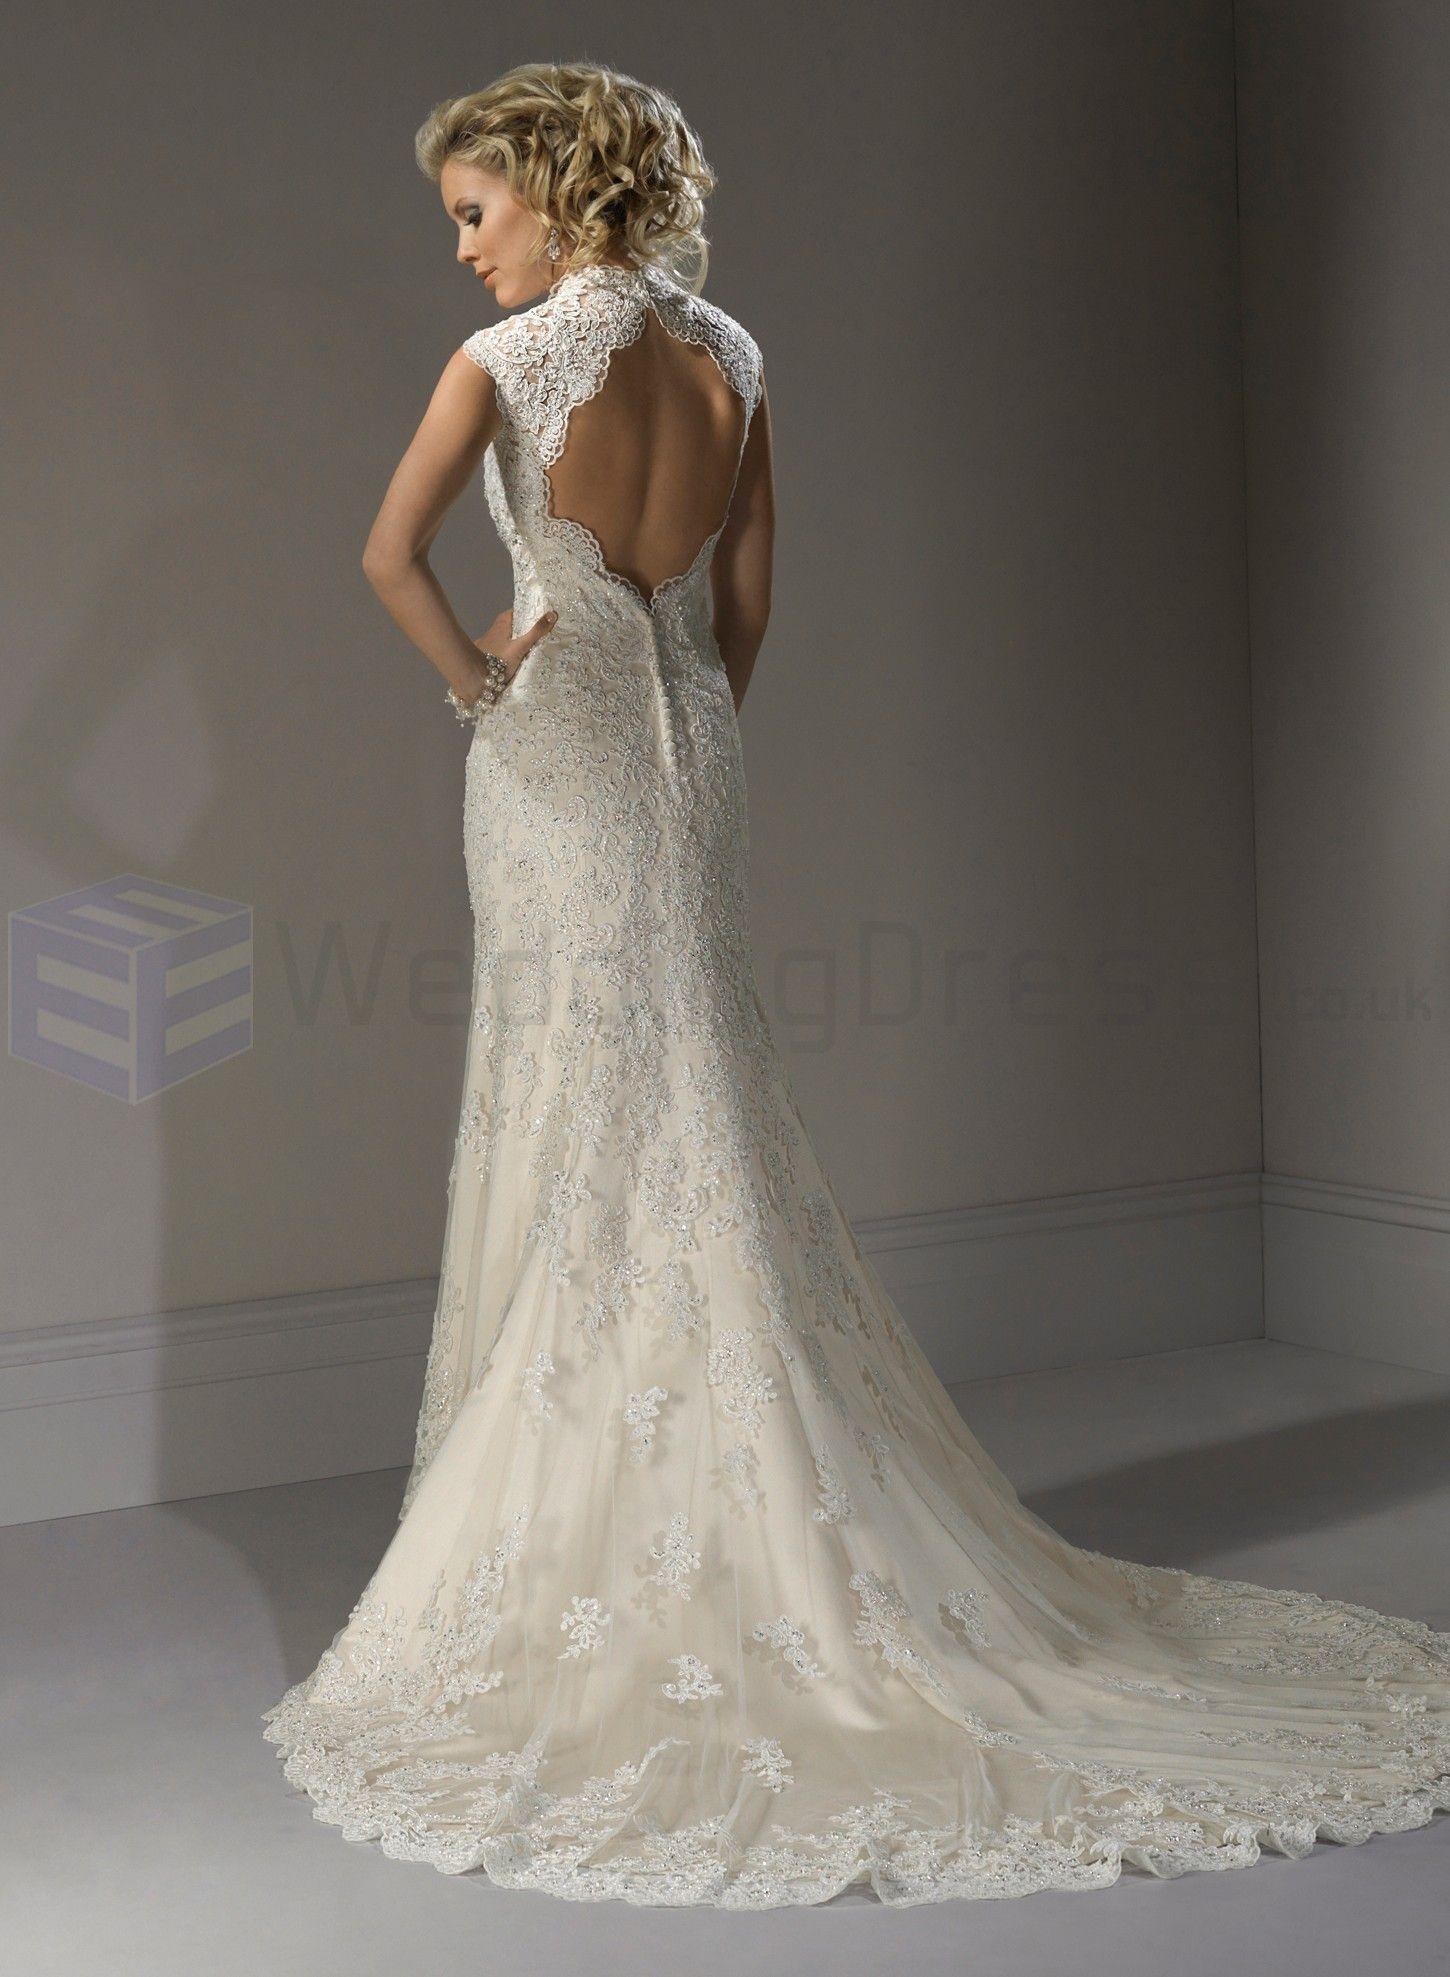 wedding dresses uk Lace wedding dresses